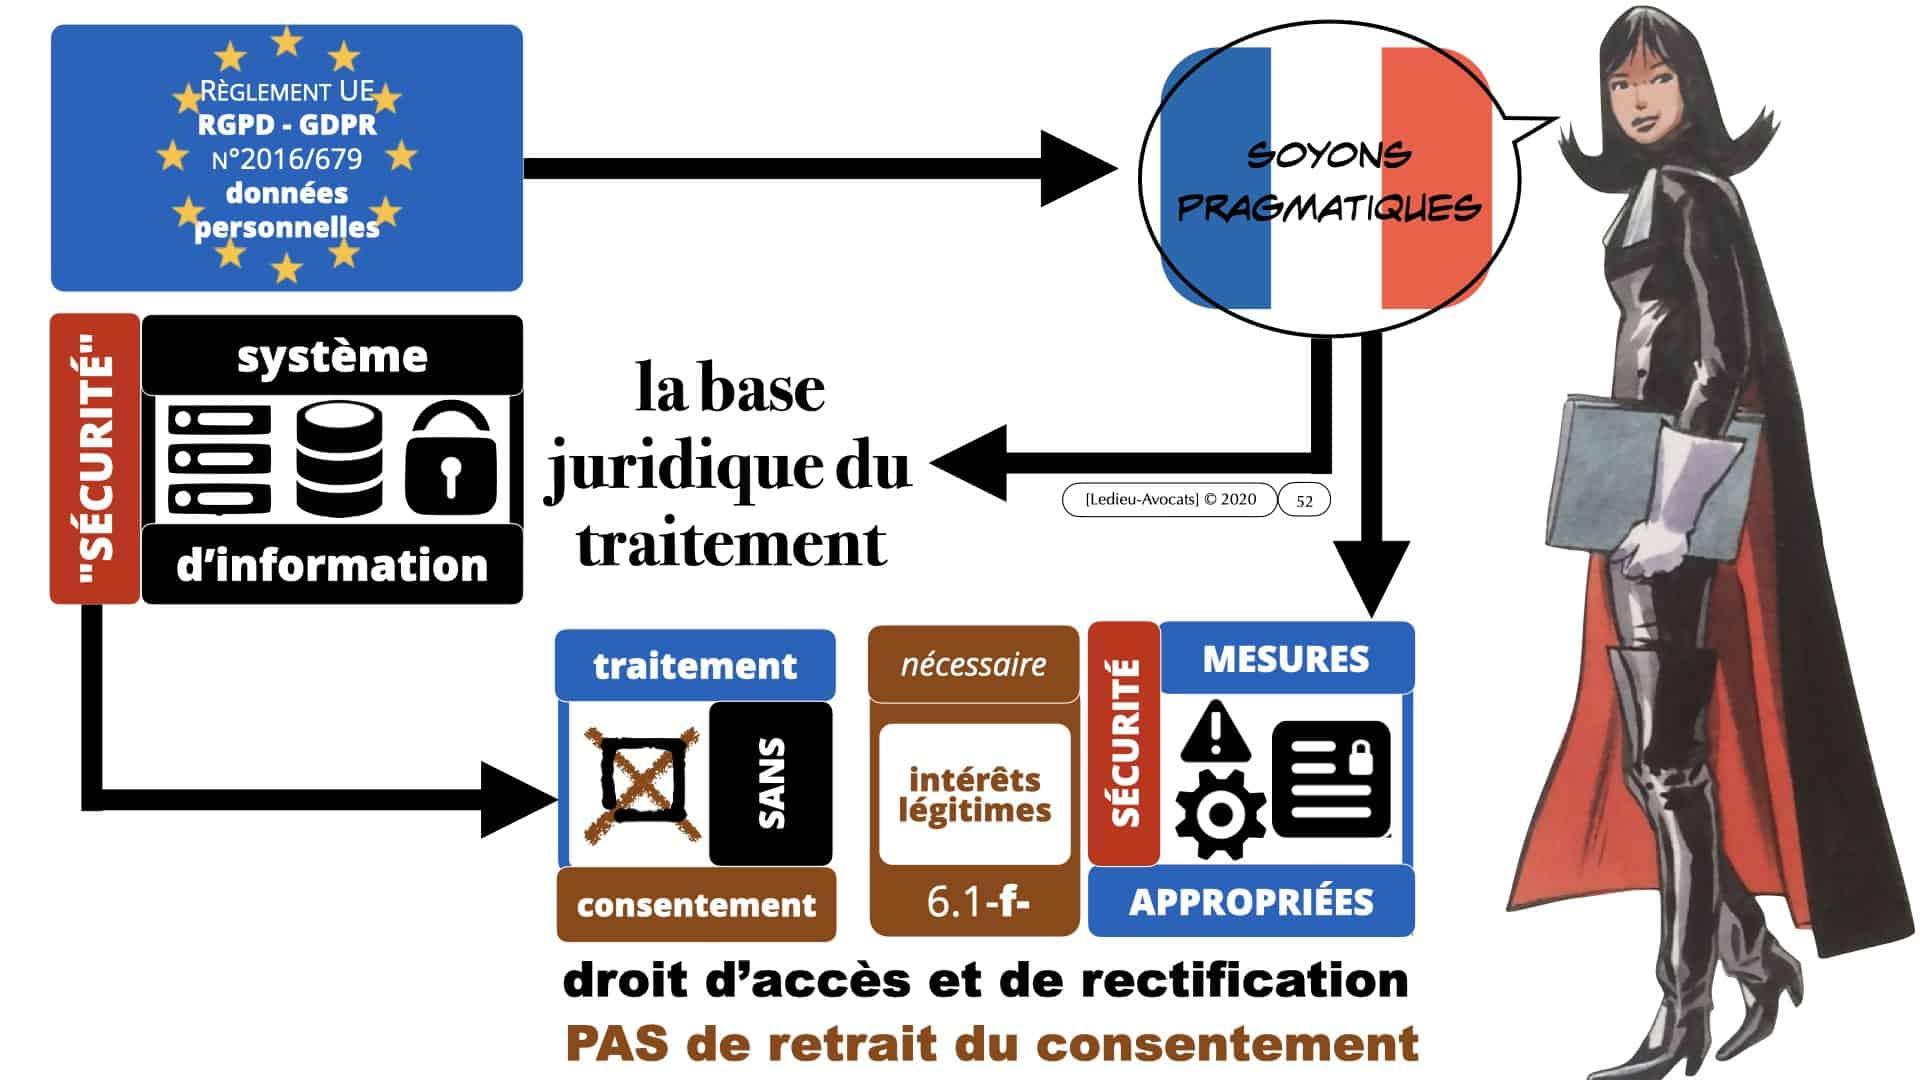 RGPD délibération CNIL Spartoo du 28 juillet 2020 n°SAN 2020-003 *16:9* ©Ledieu-Avocats 19-09-2020.052